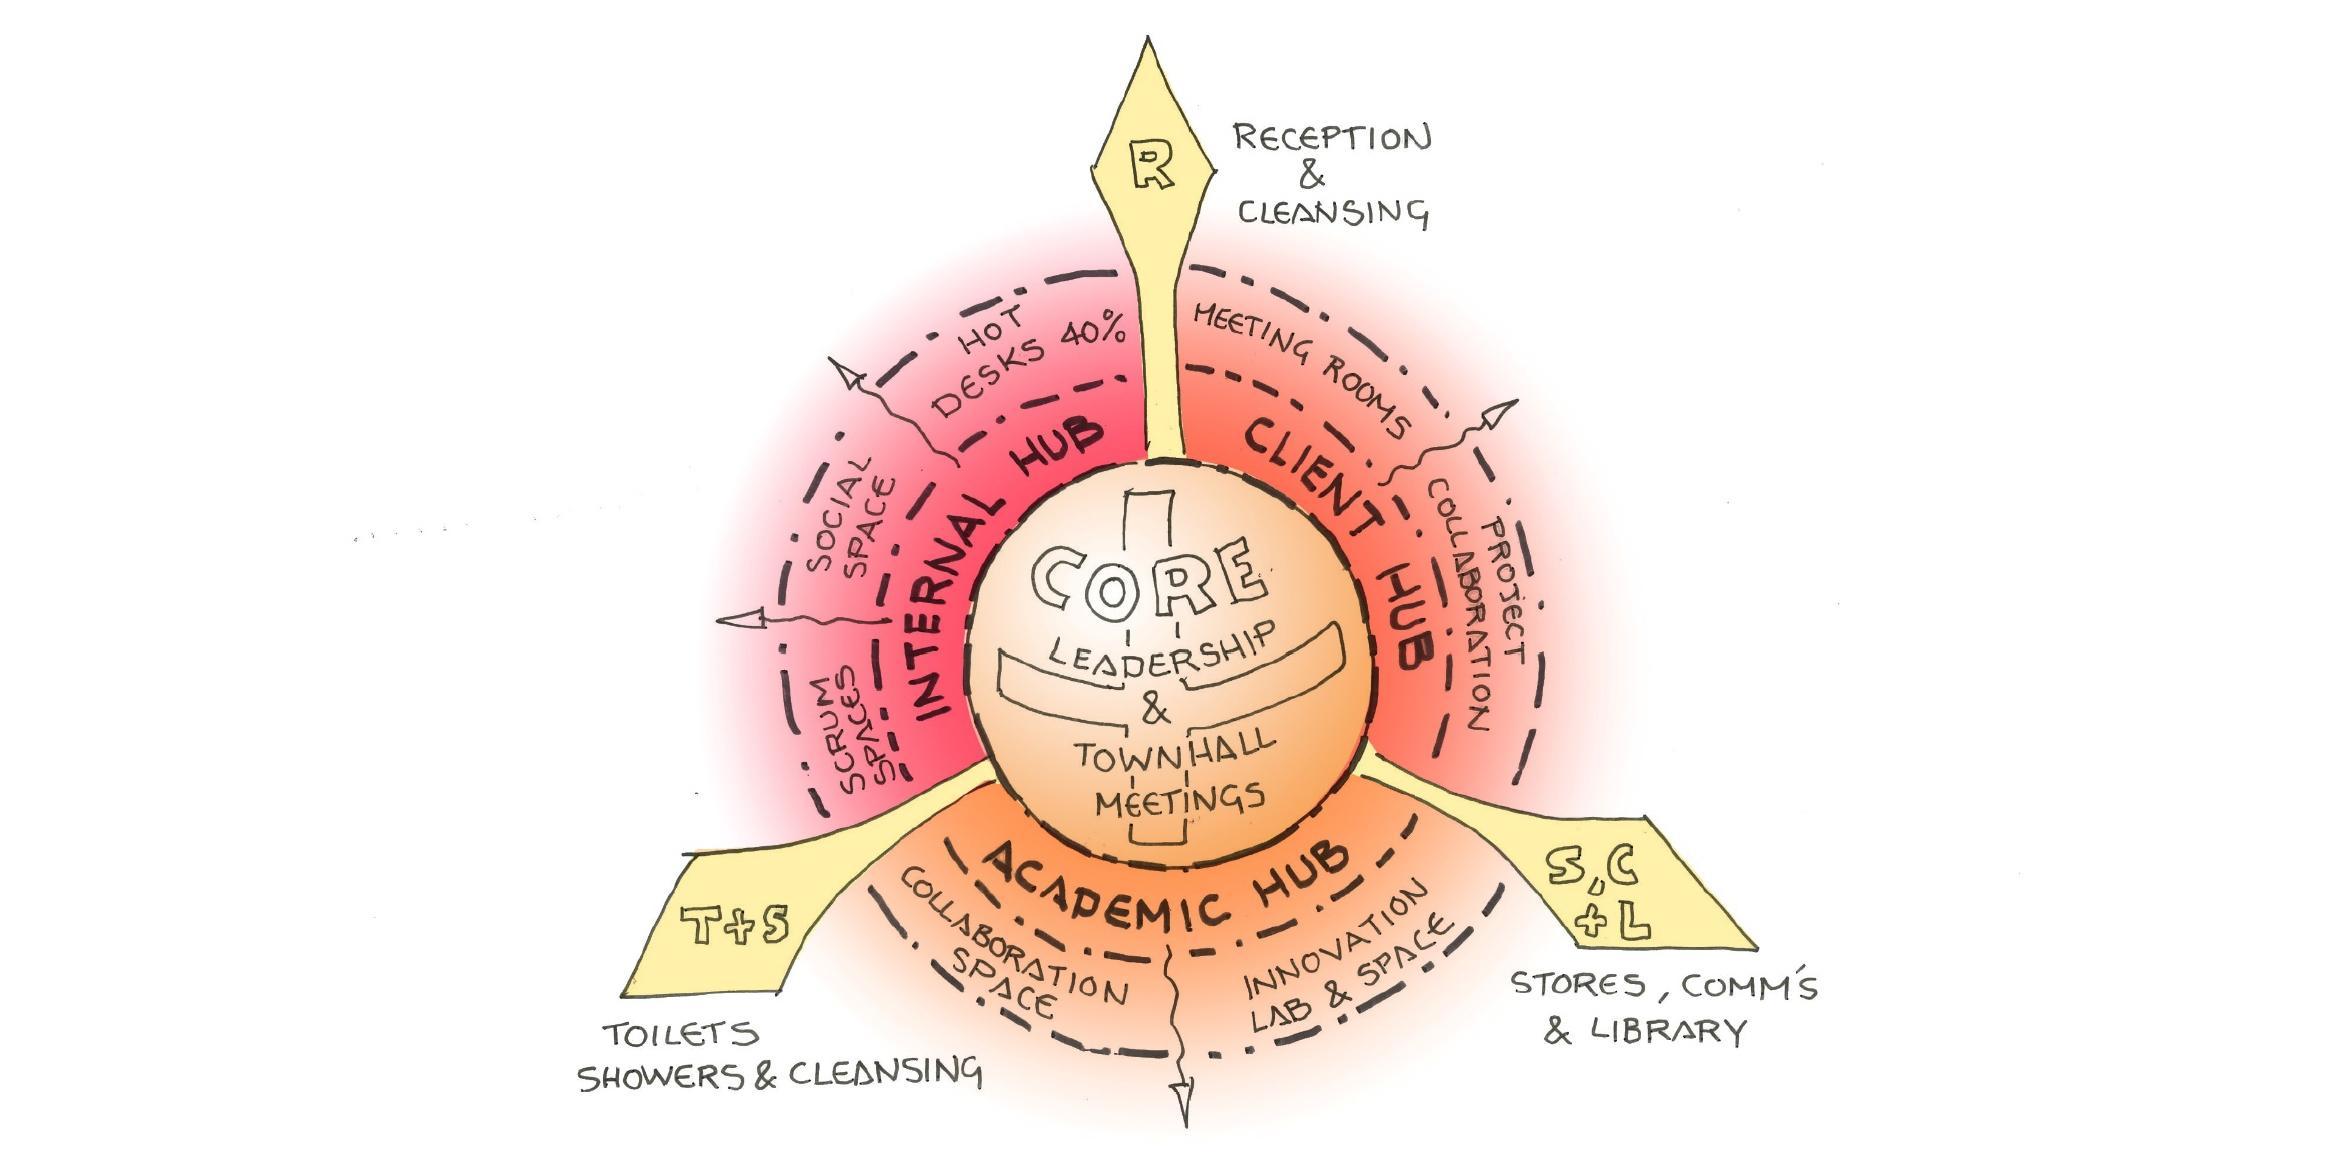 Workplace Activities Diagram Crop For Website